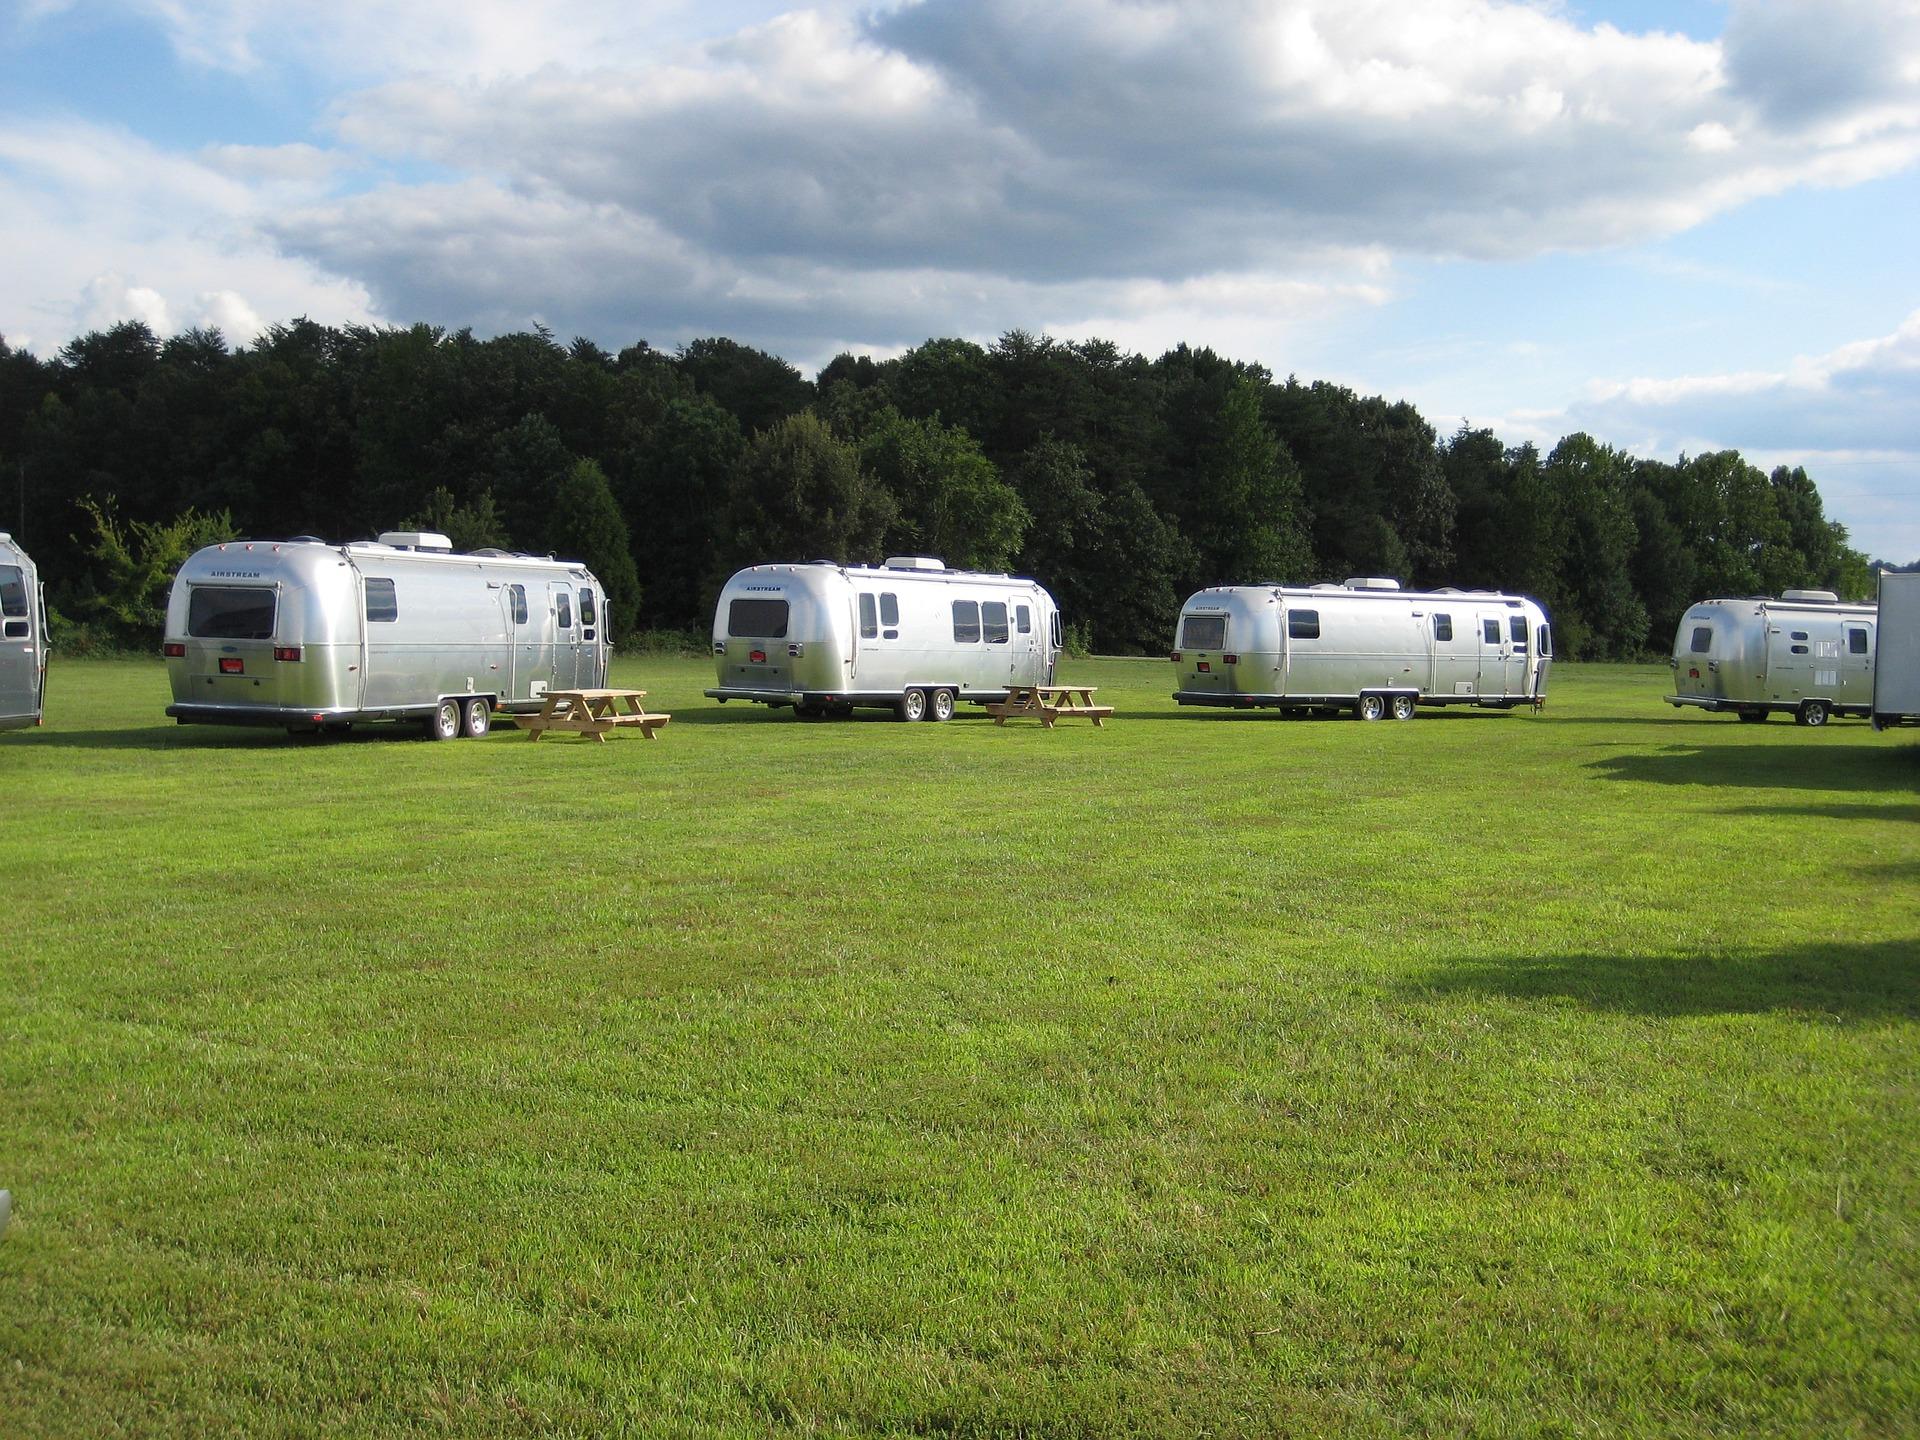 Louer un camping car pour le week end loca 39 lam site internet automobile jalis - Garage a louer pour camping car ...